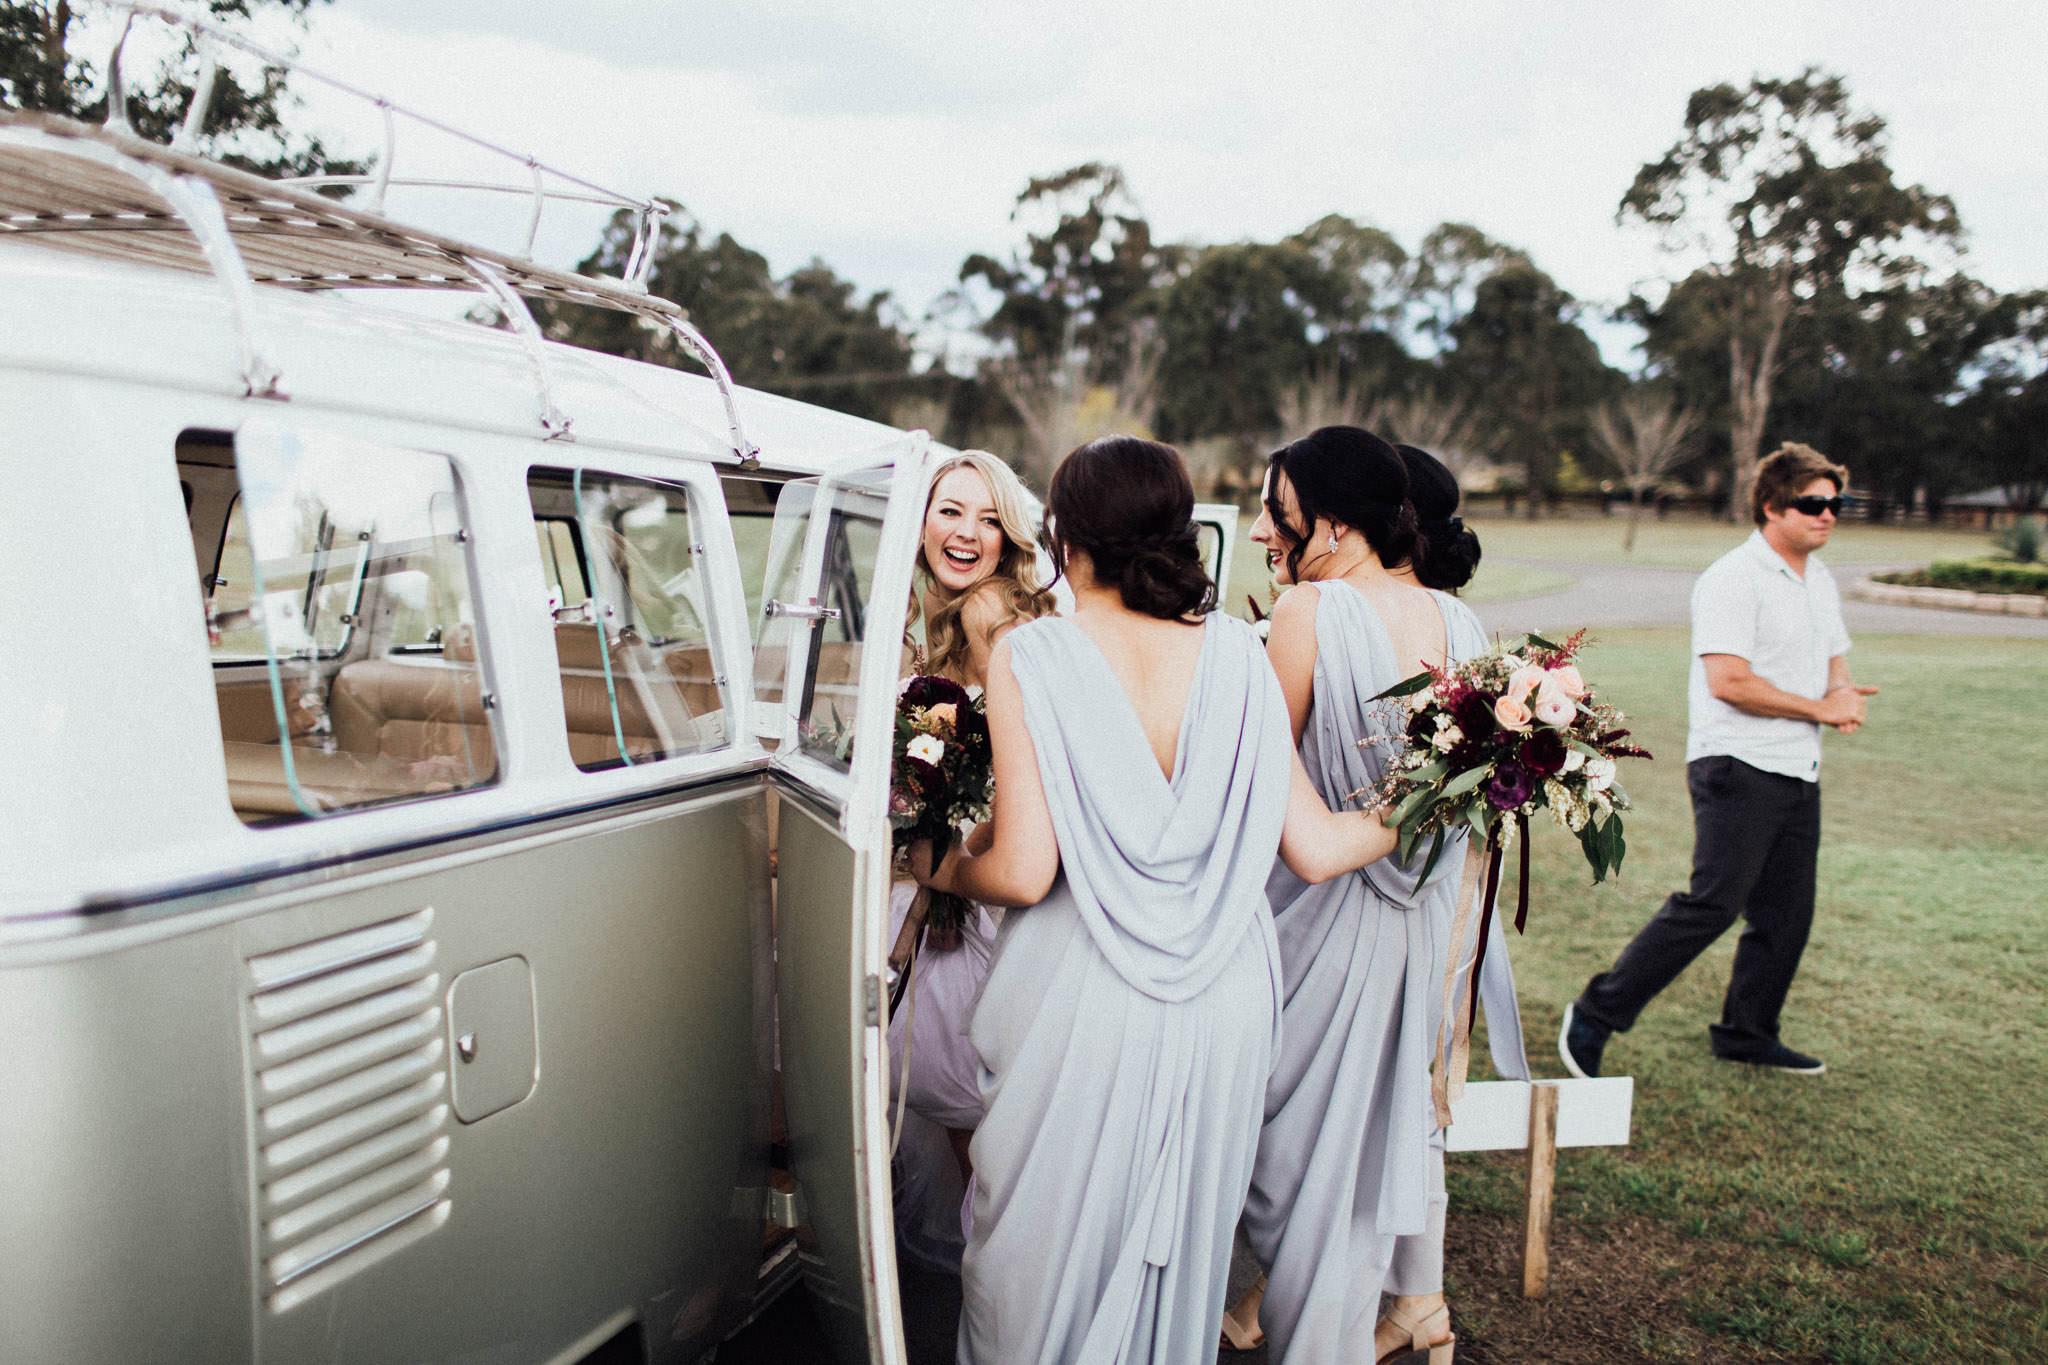 WeddingPhotos_Facebook_2048pixels-1029.jpg